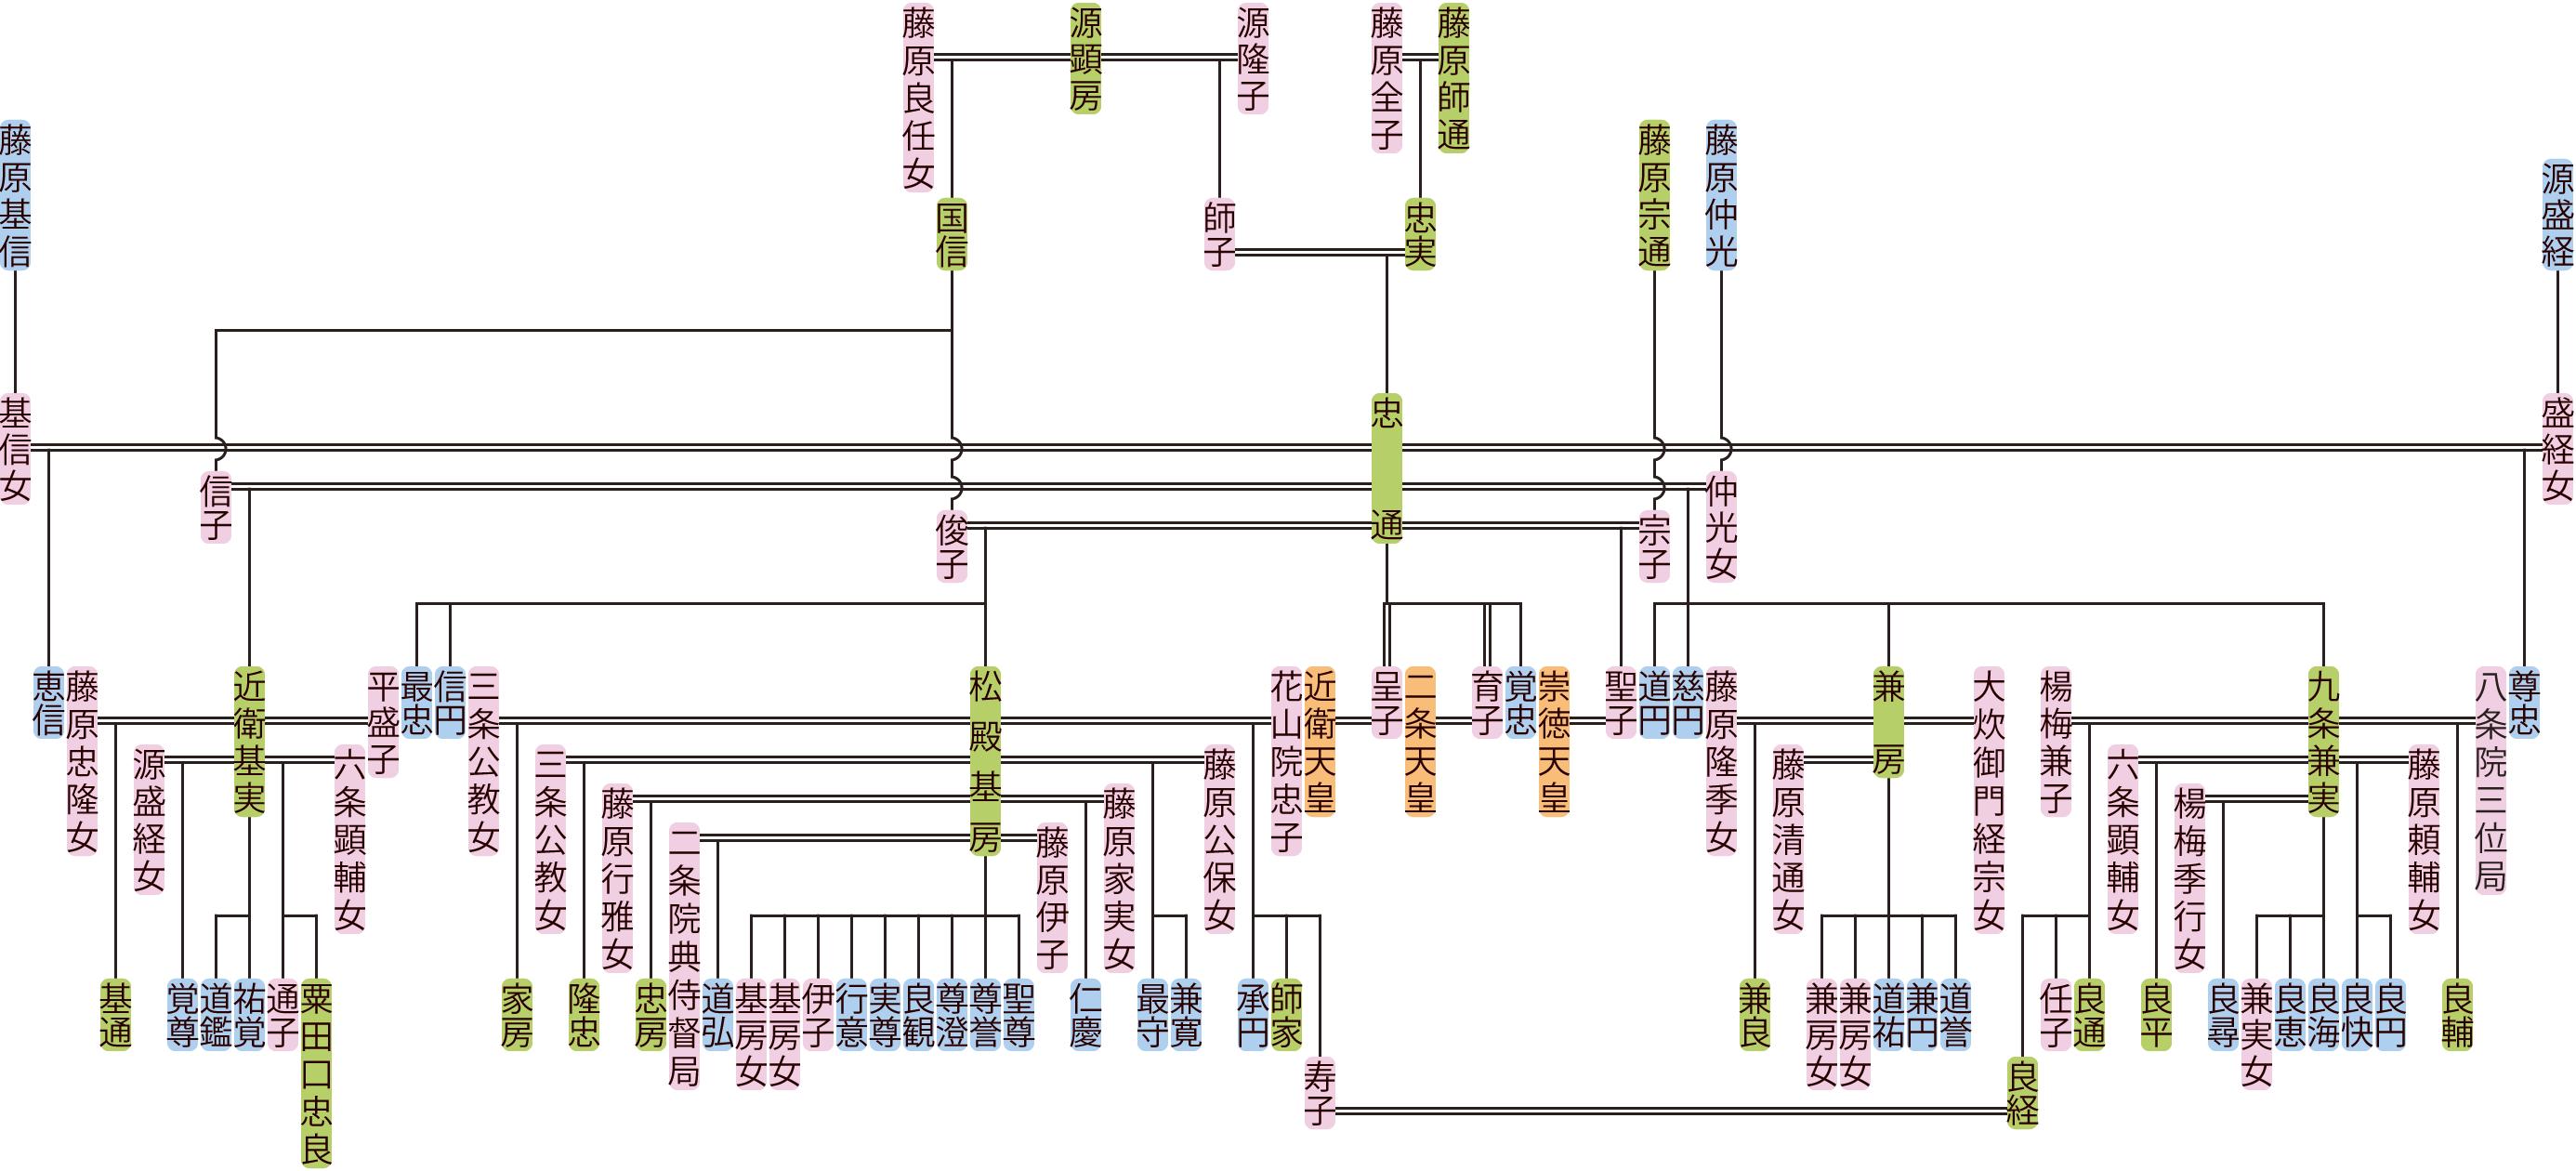 藤原忠通の系図